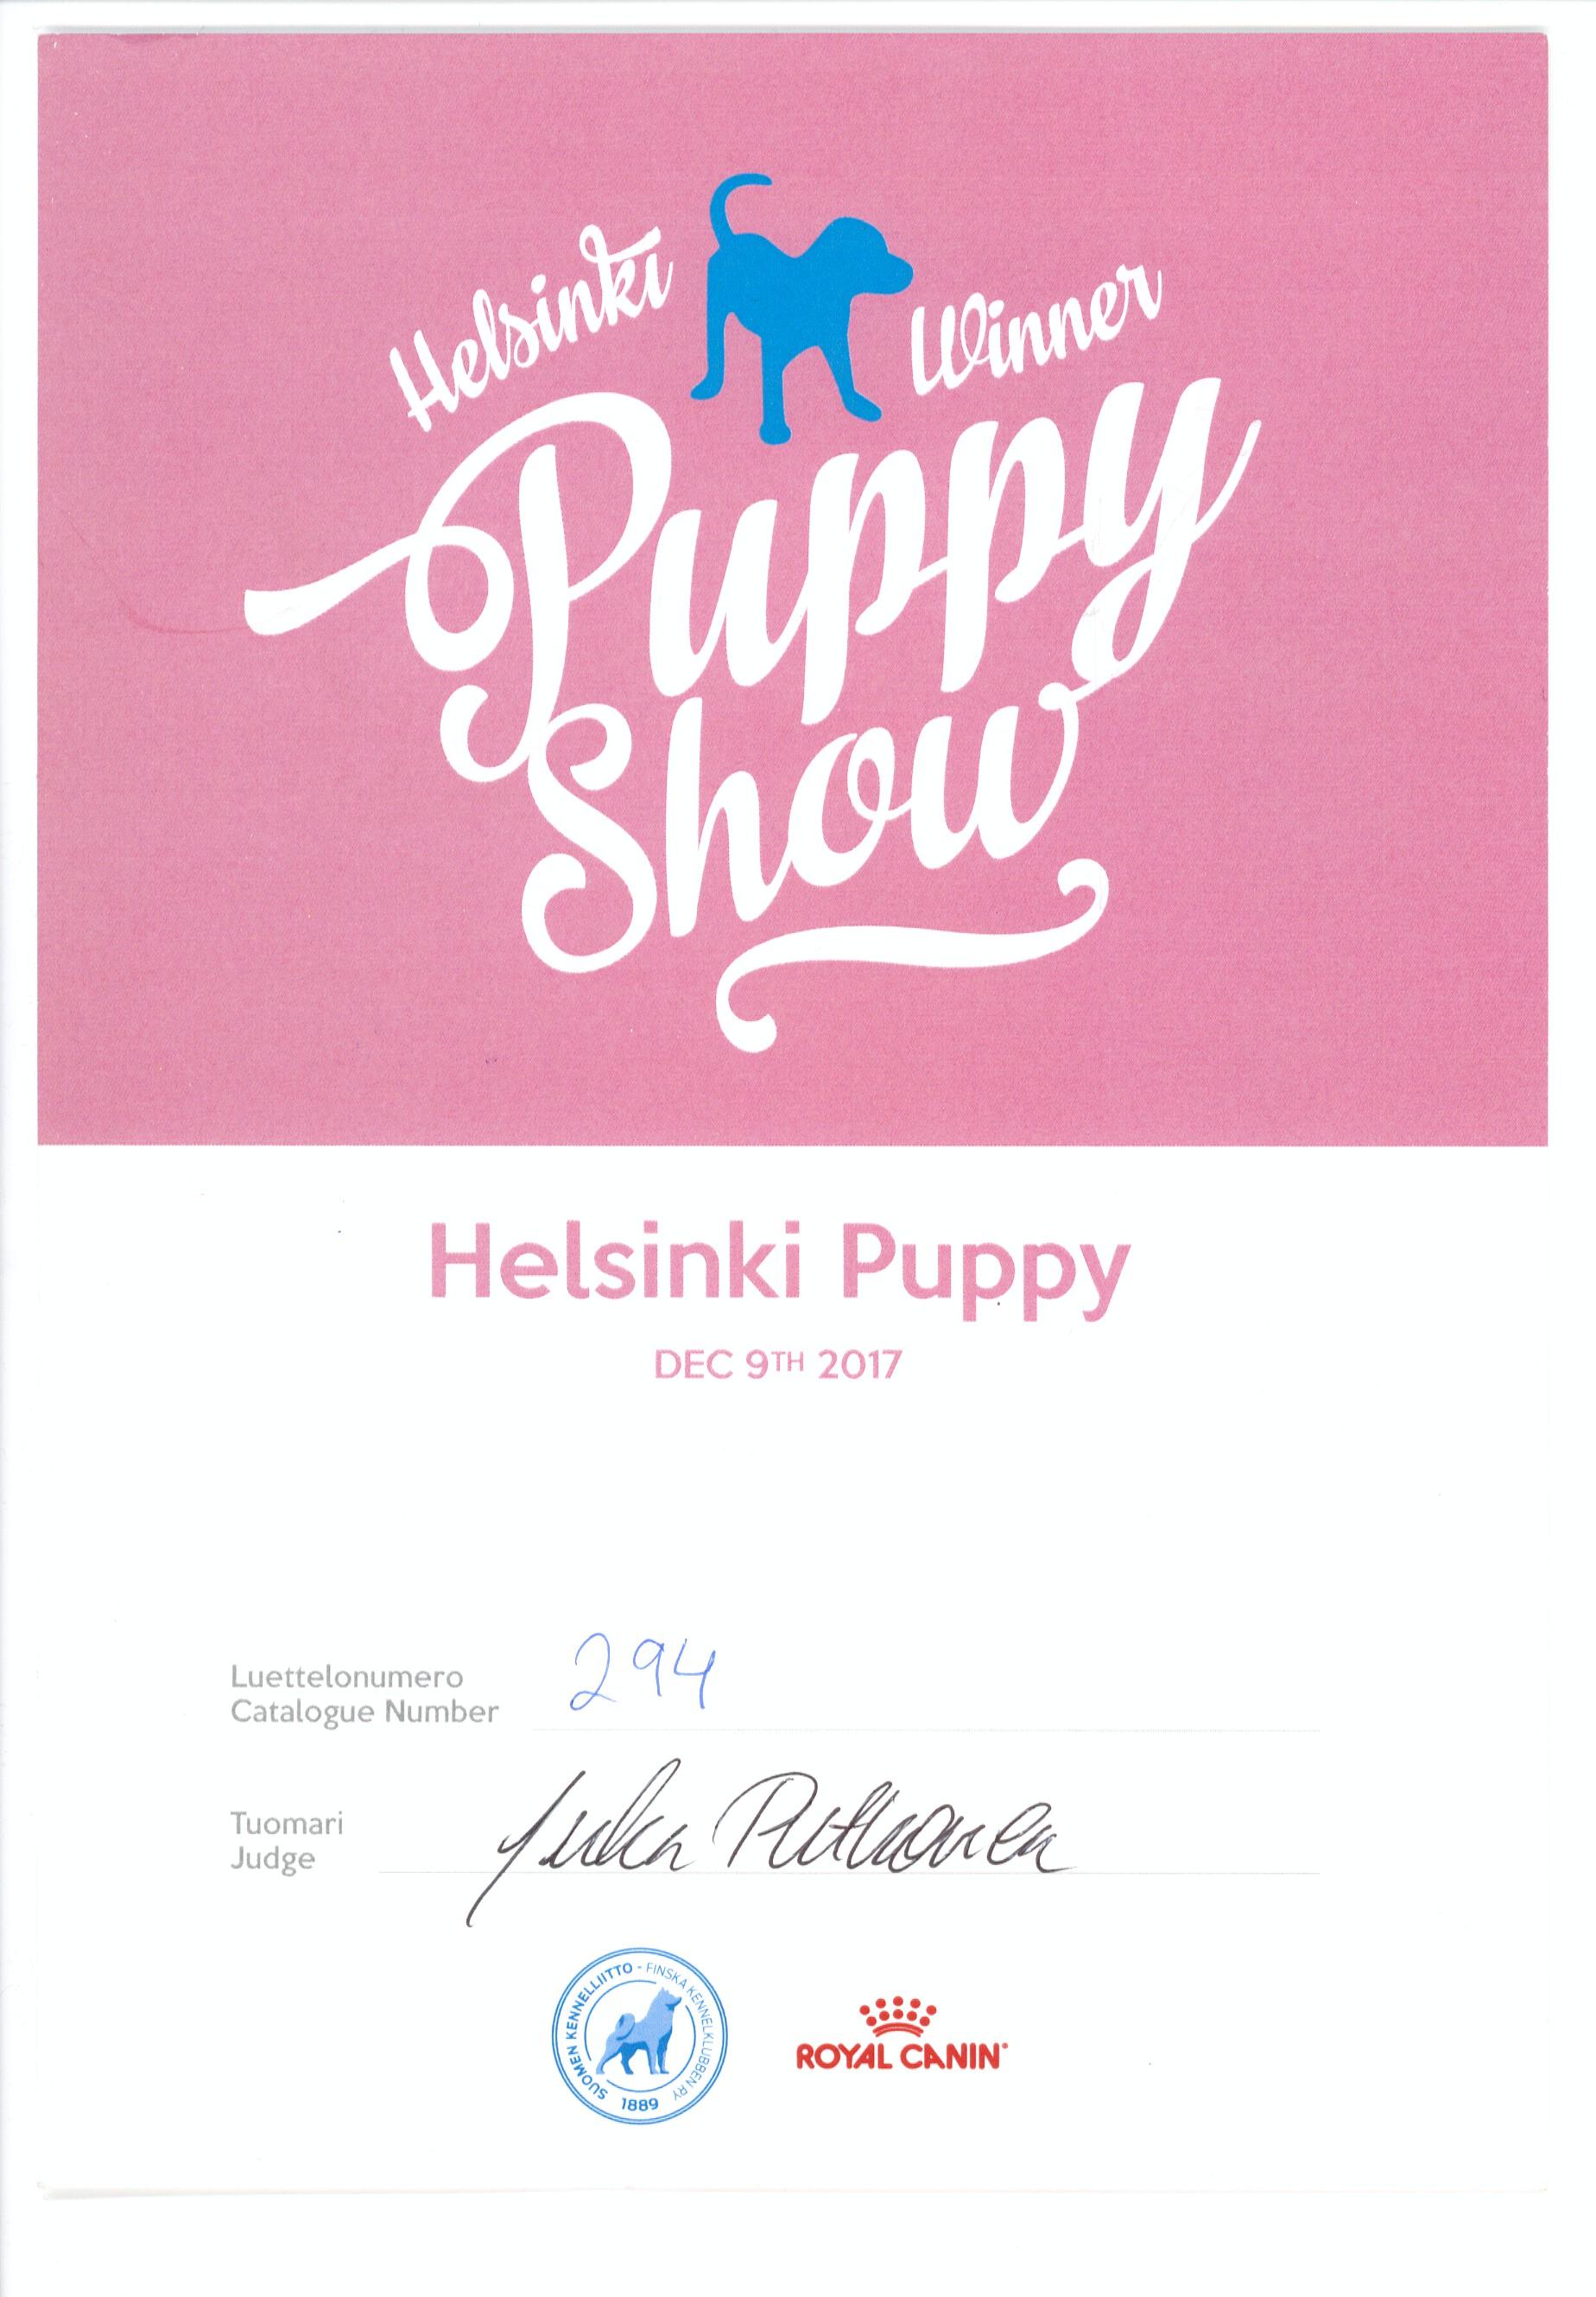 Шон 9.12.17 Хельсинки ВОВ puppy